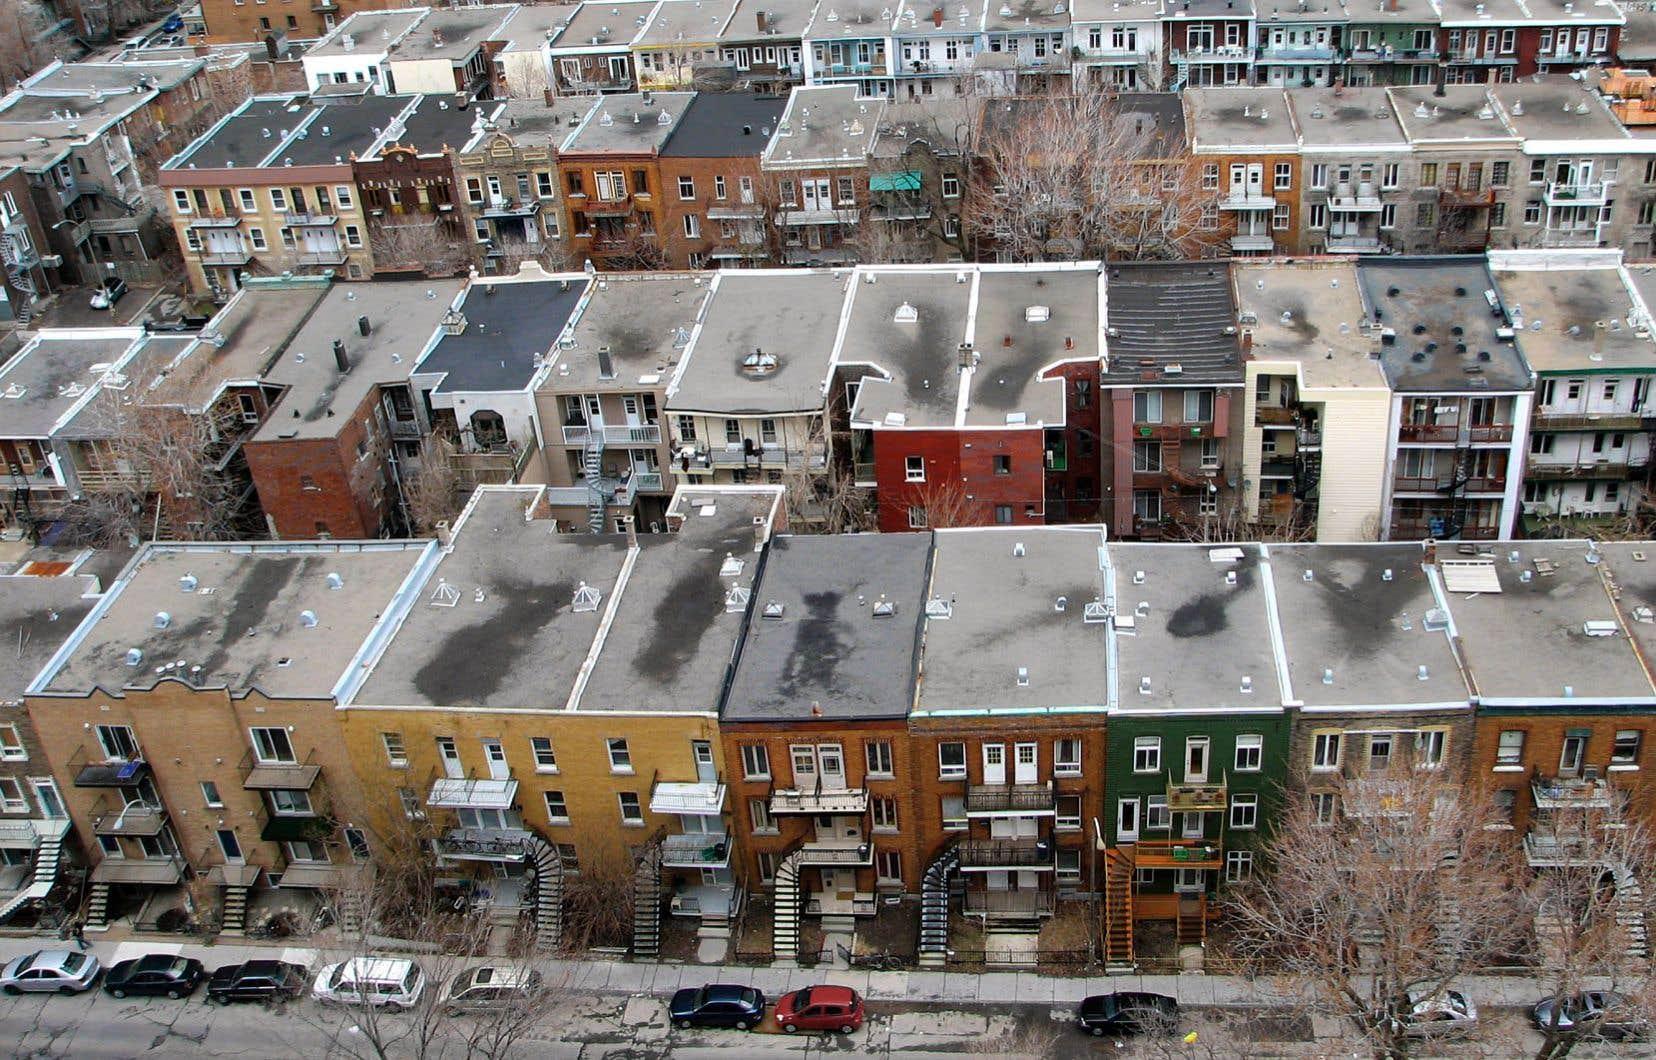 Les politiques macro-prudentielles sont beaucoup plus appropriées pour ralentir la progression des prix de l'immobilier, estime l'auteur.